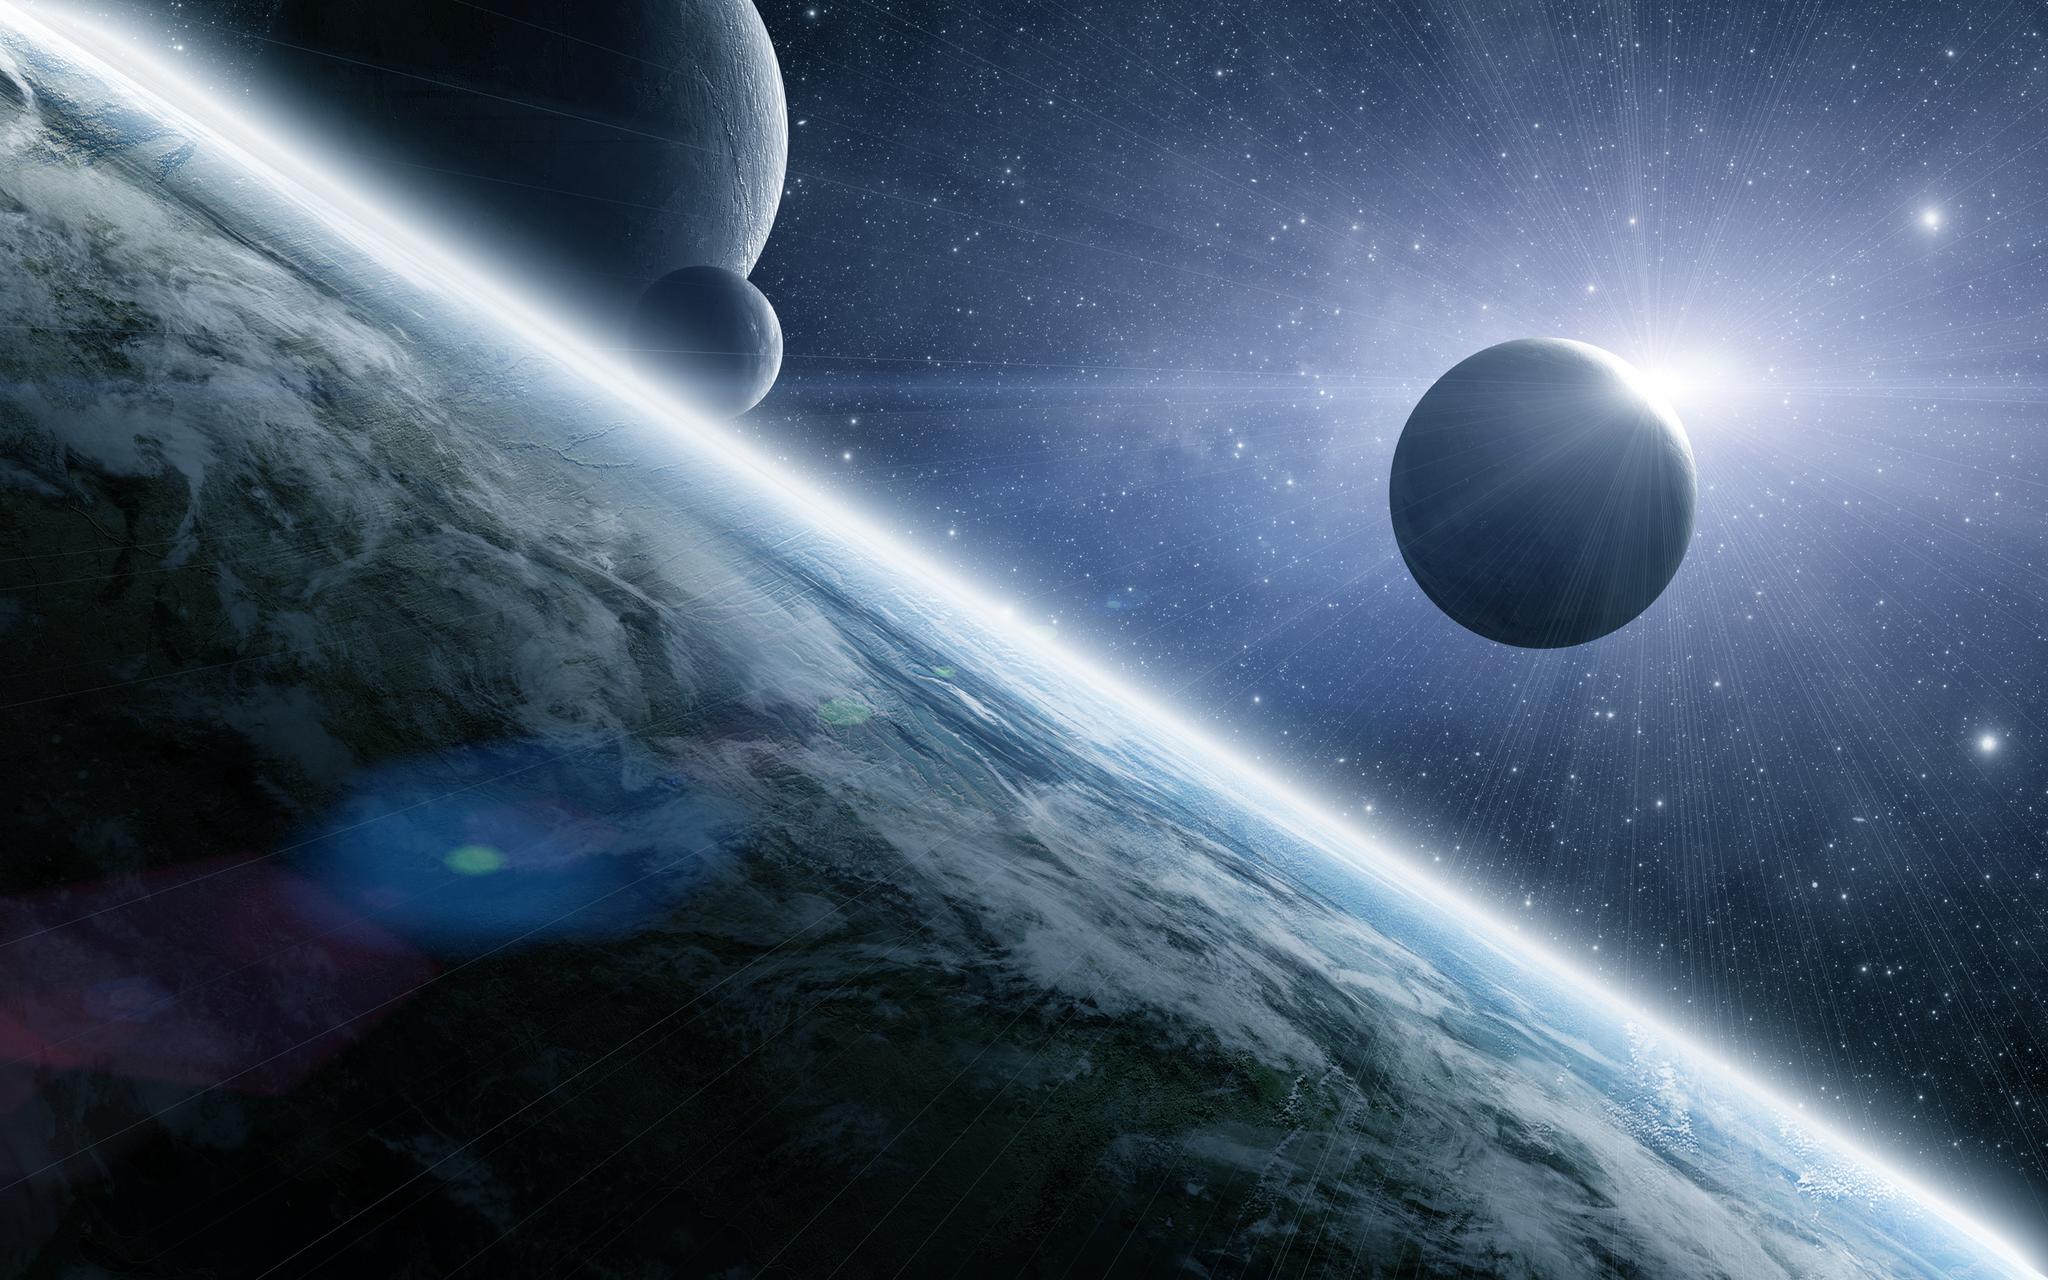 Zusammenhänge zwischen Quantenphysik, das Leben , Burn-out, Nahtod, Tod und Corona Virus